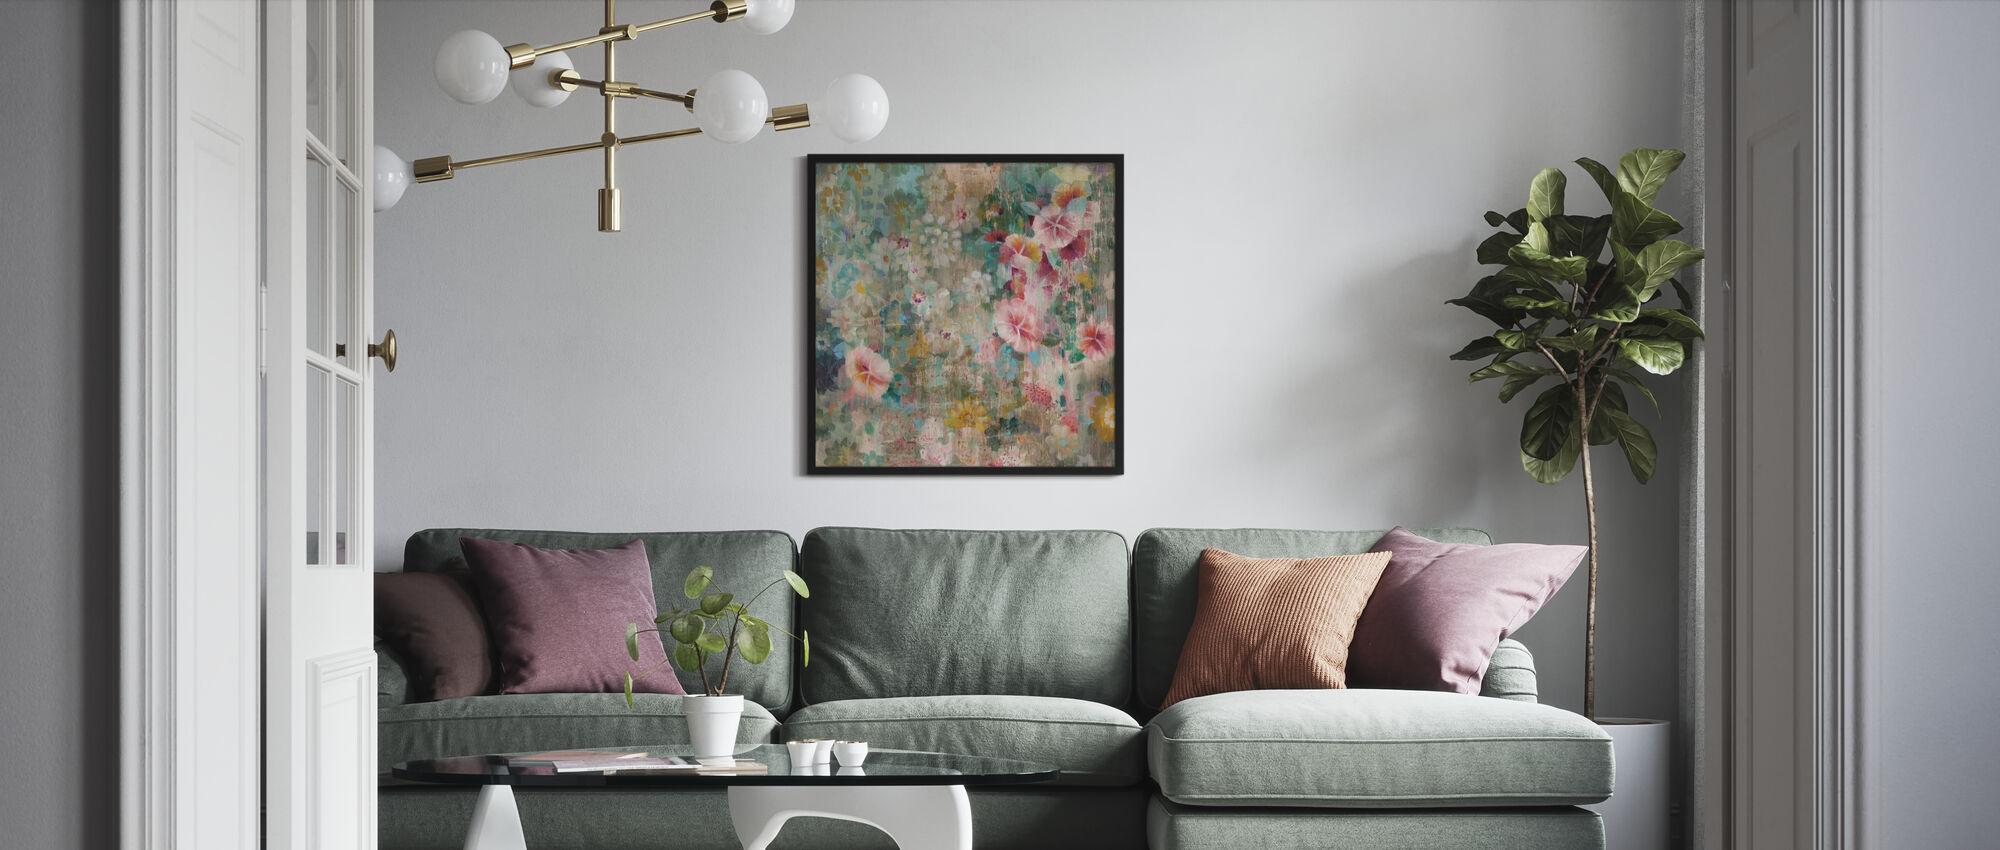 Blomma dusch - Poster - Vardagsrum